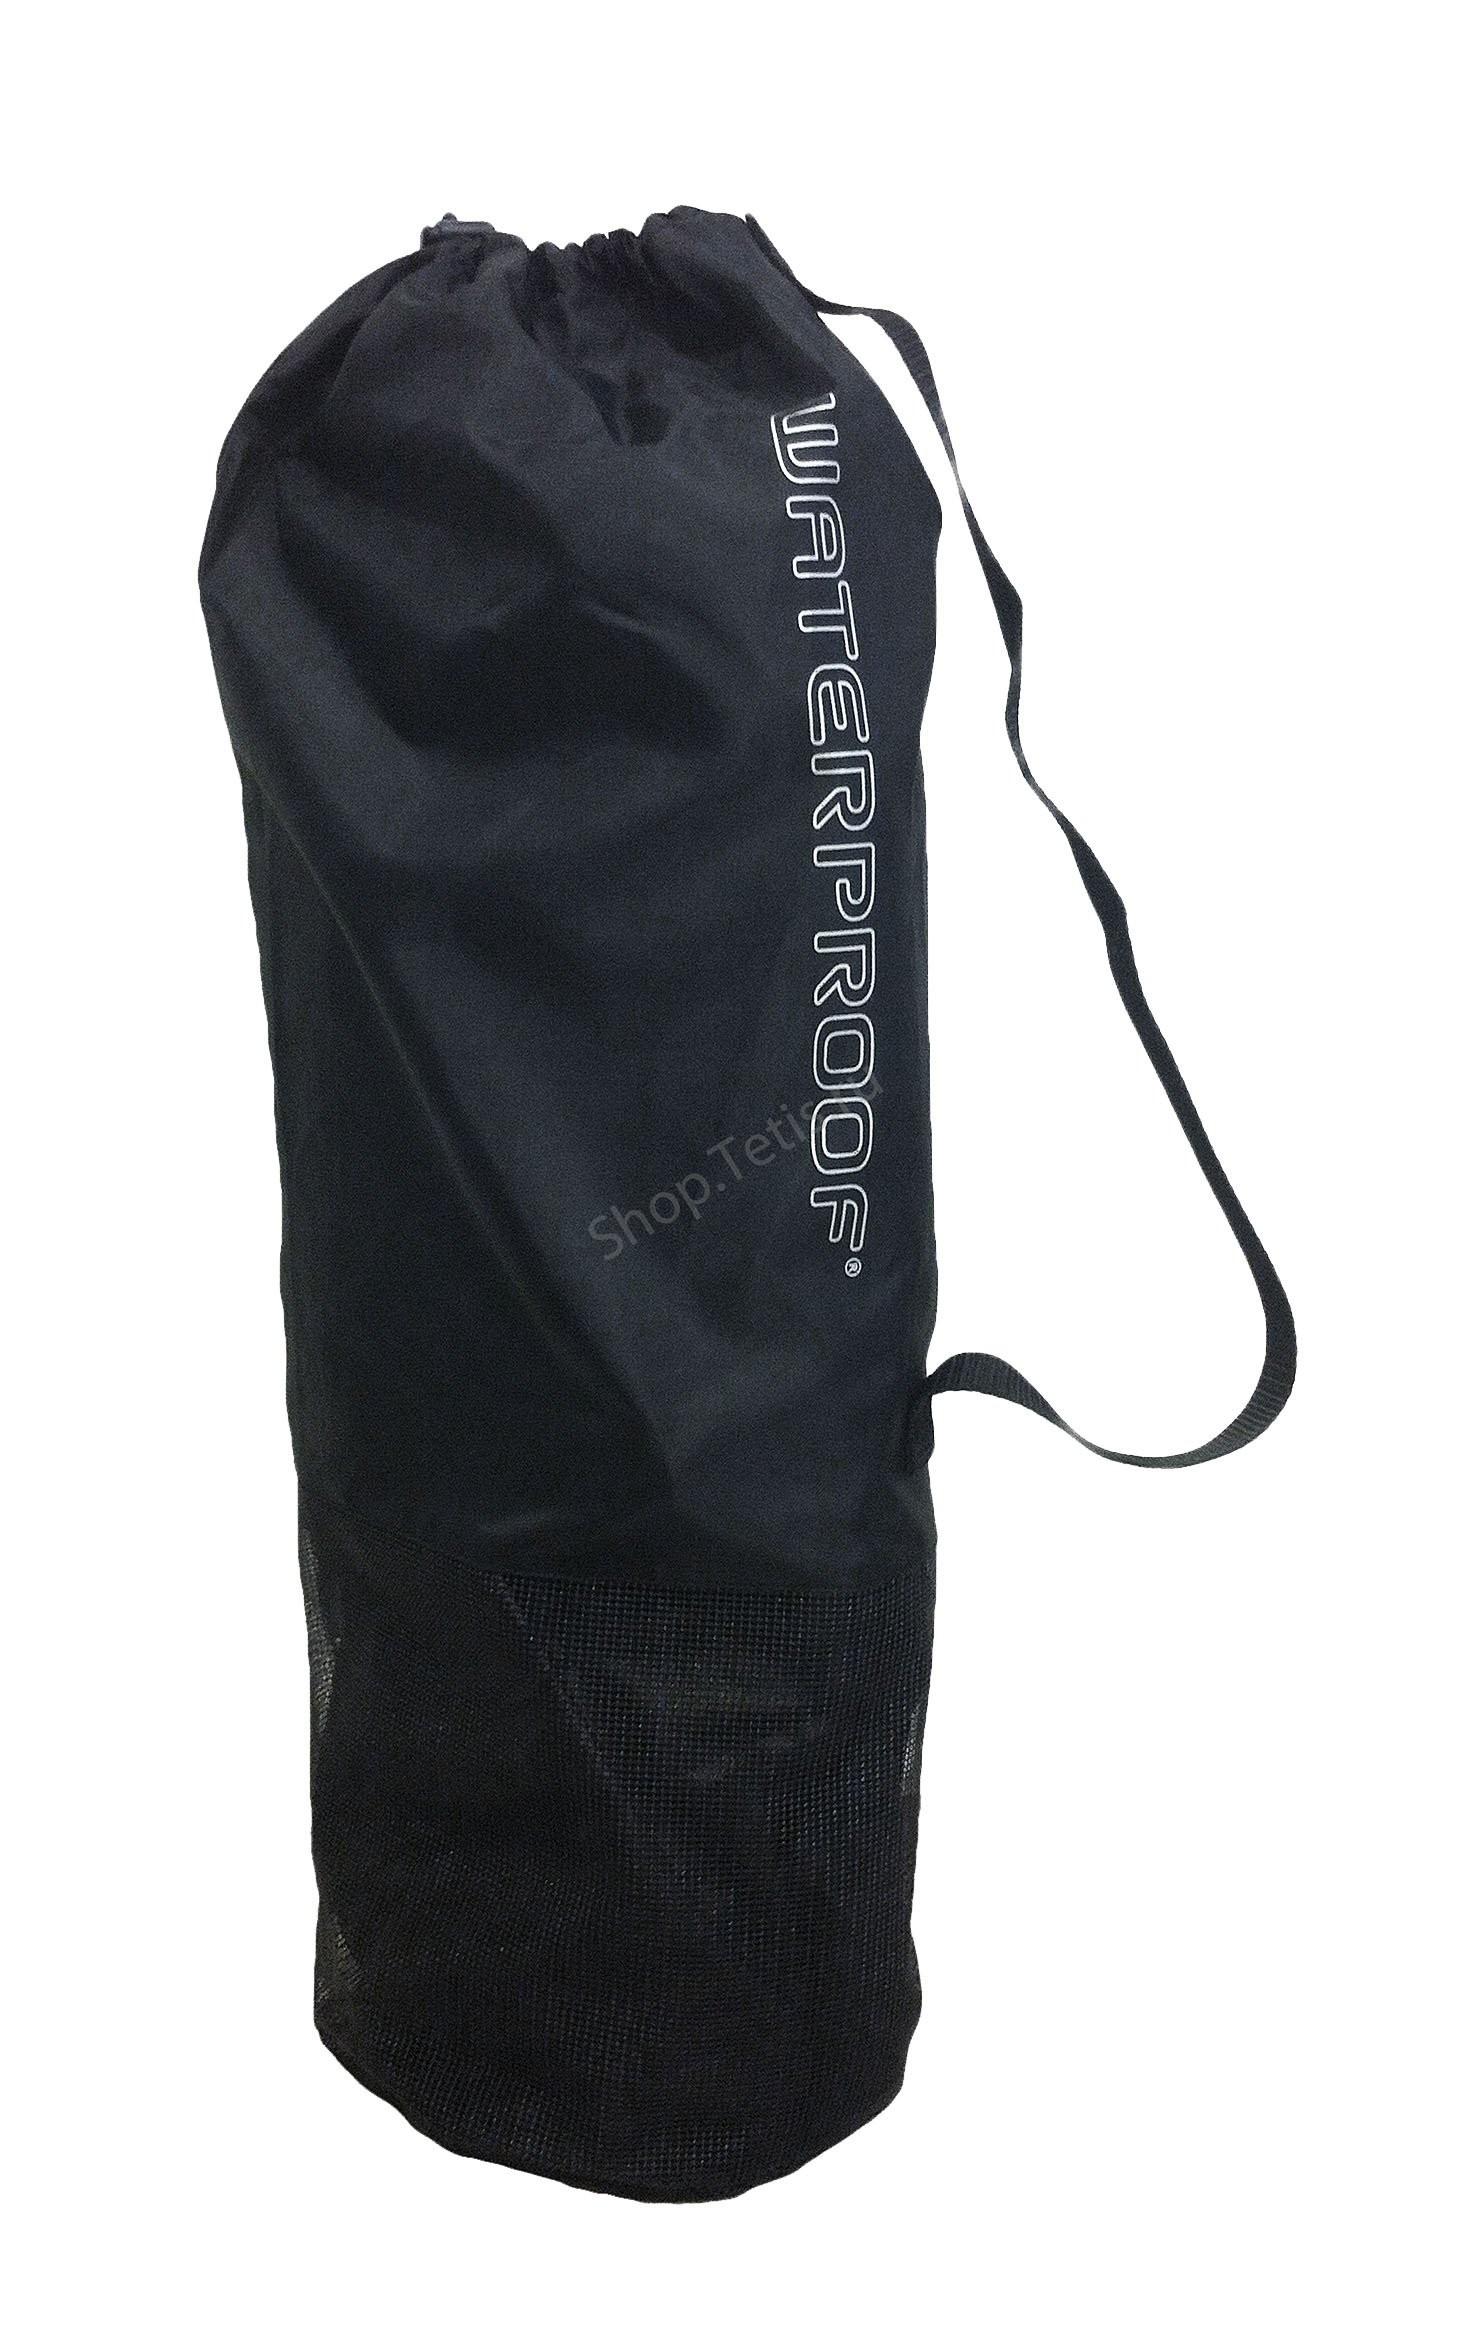 сумка для сухого гидрокостюма